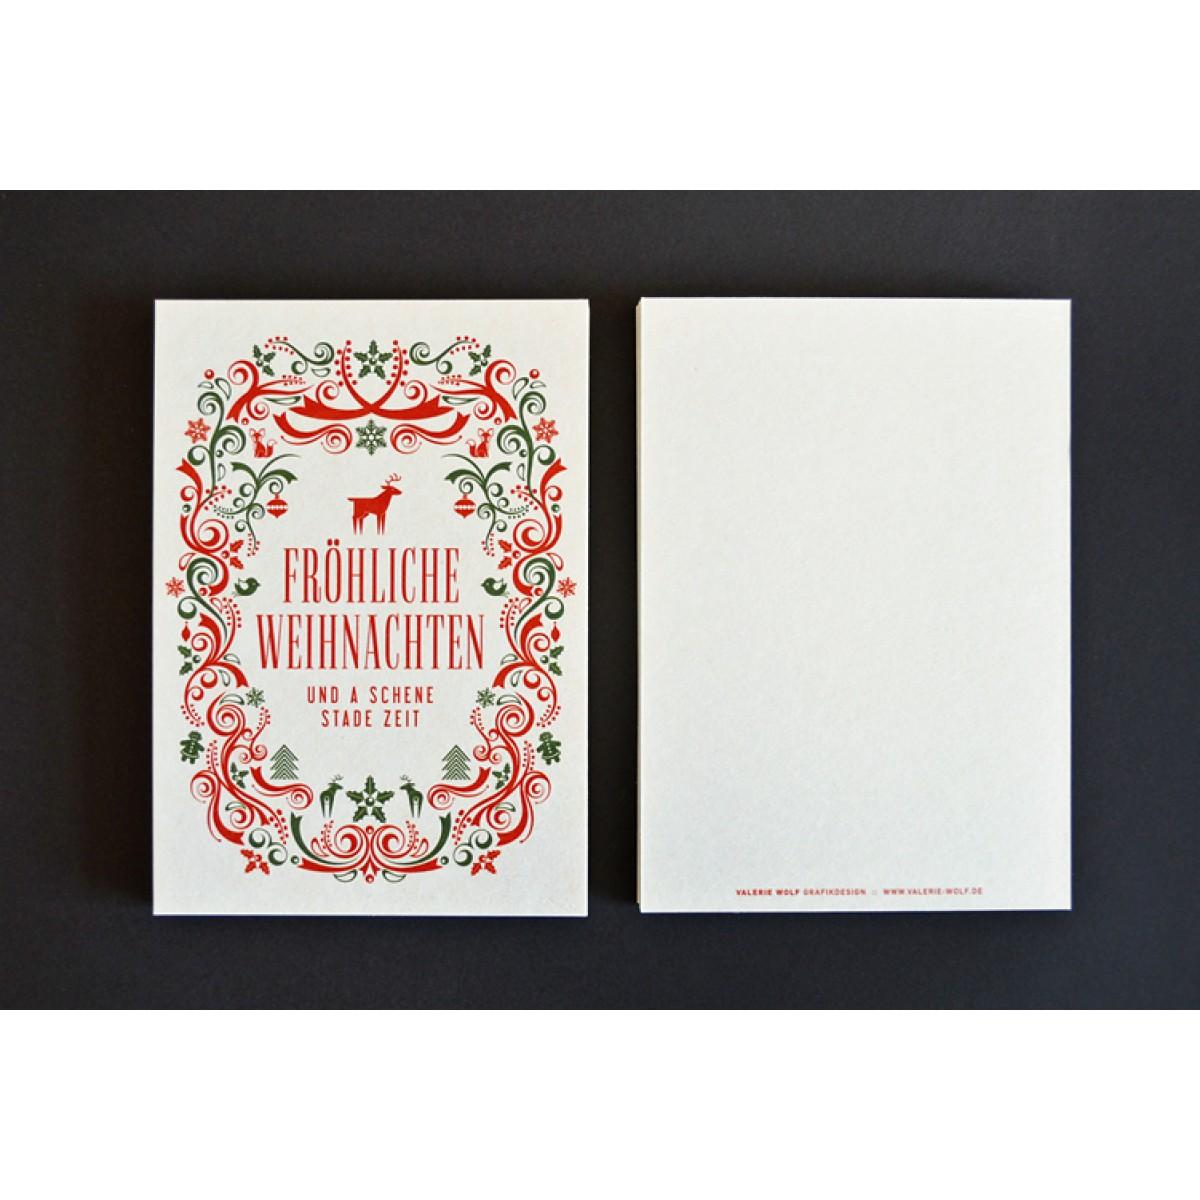 Bayerische Weihnachtsgrüße auf Bierdeckel-Karton gedruckt